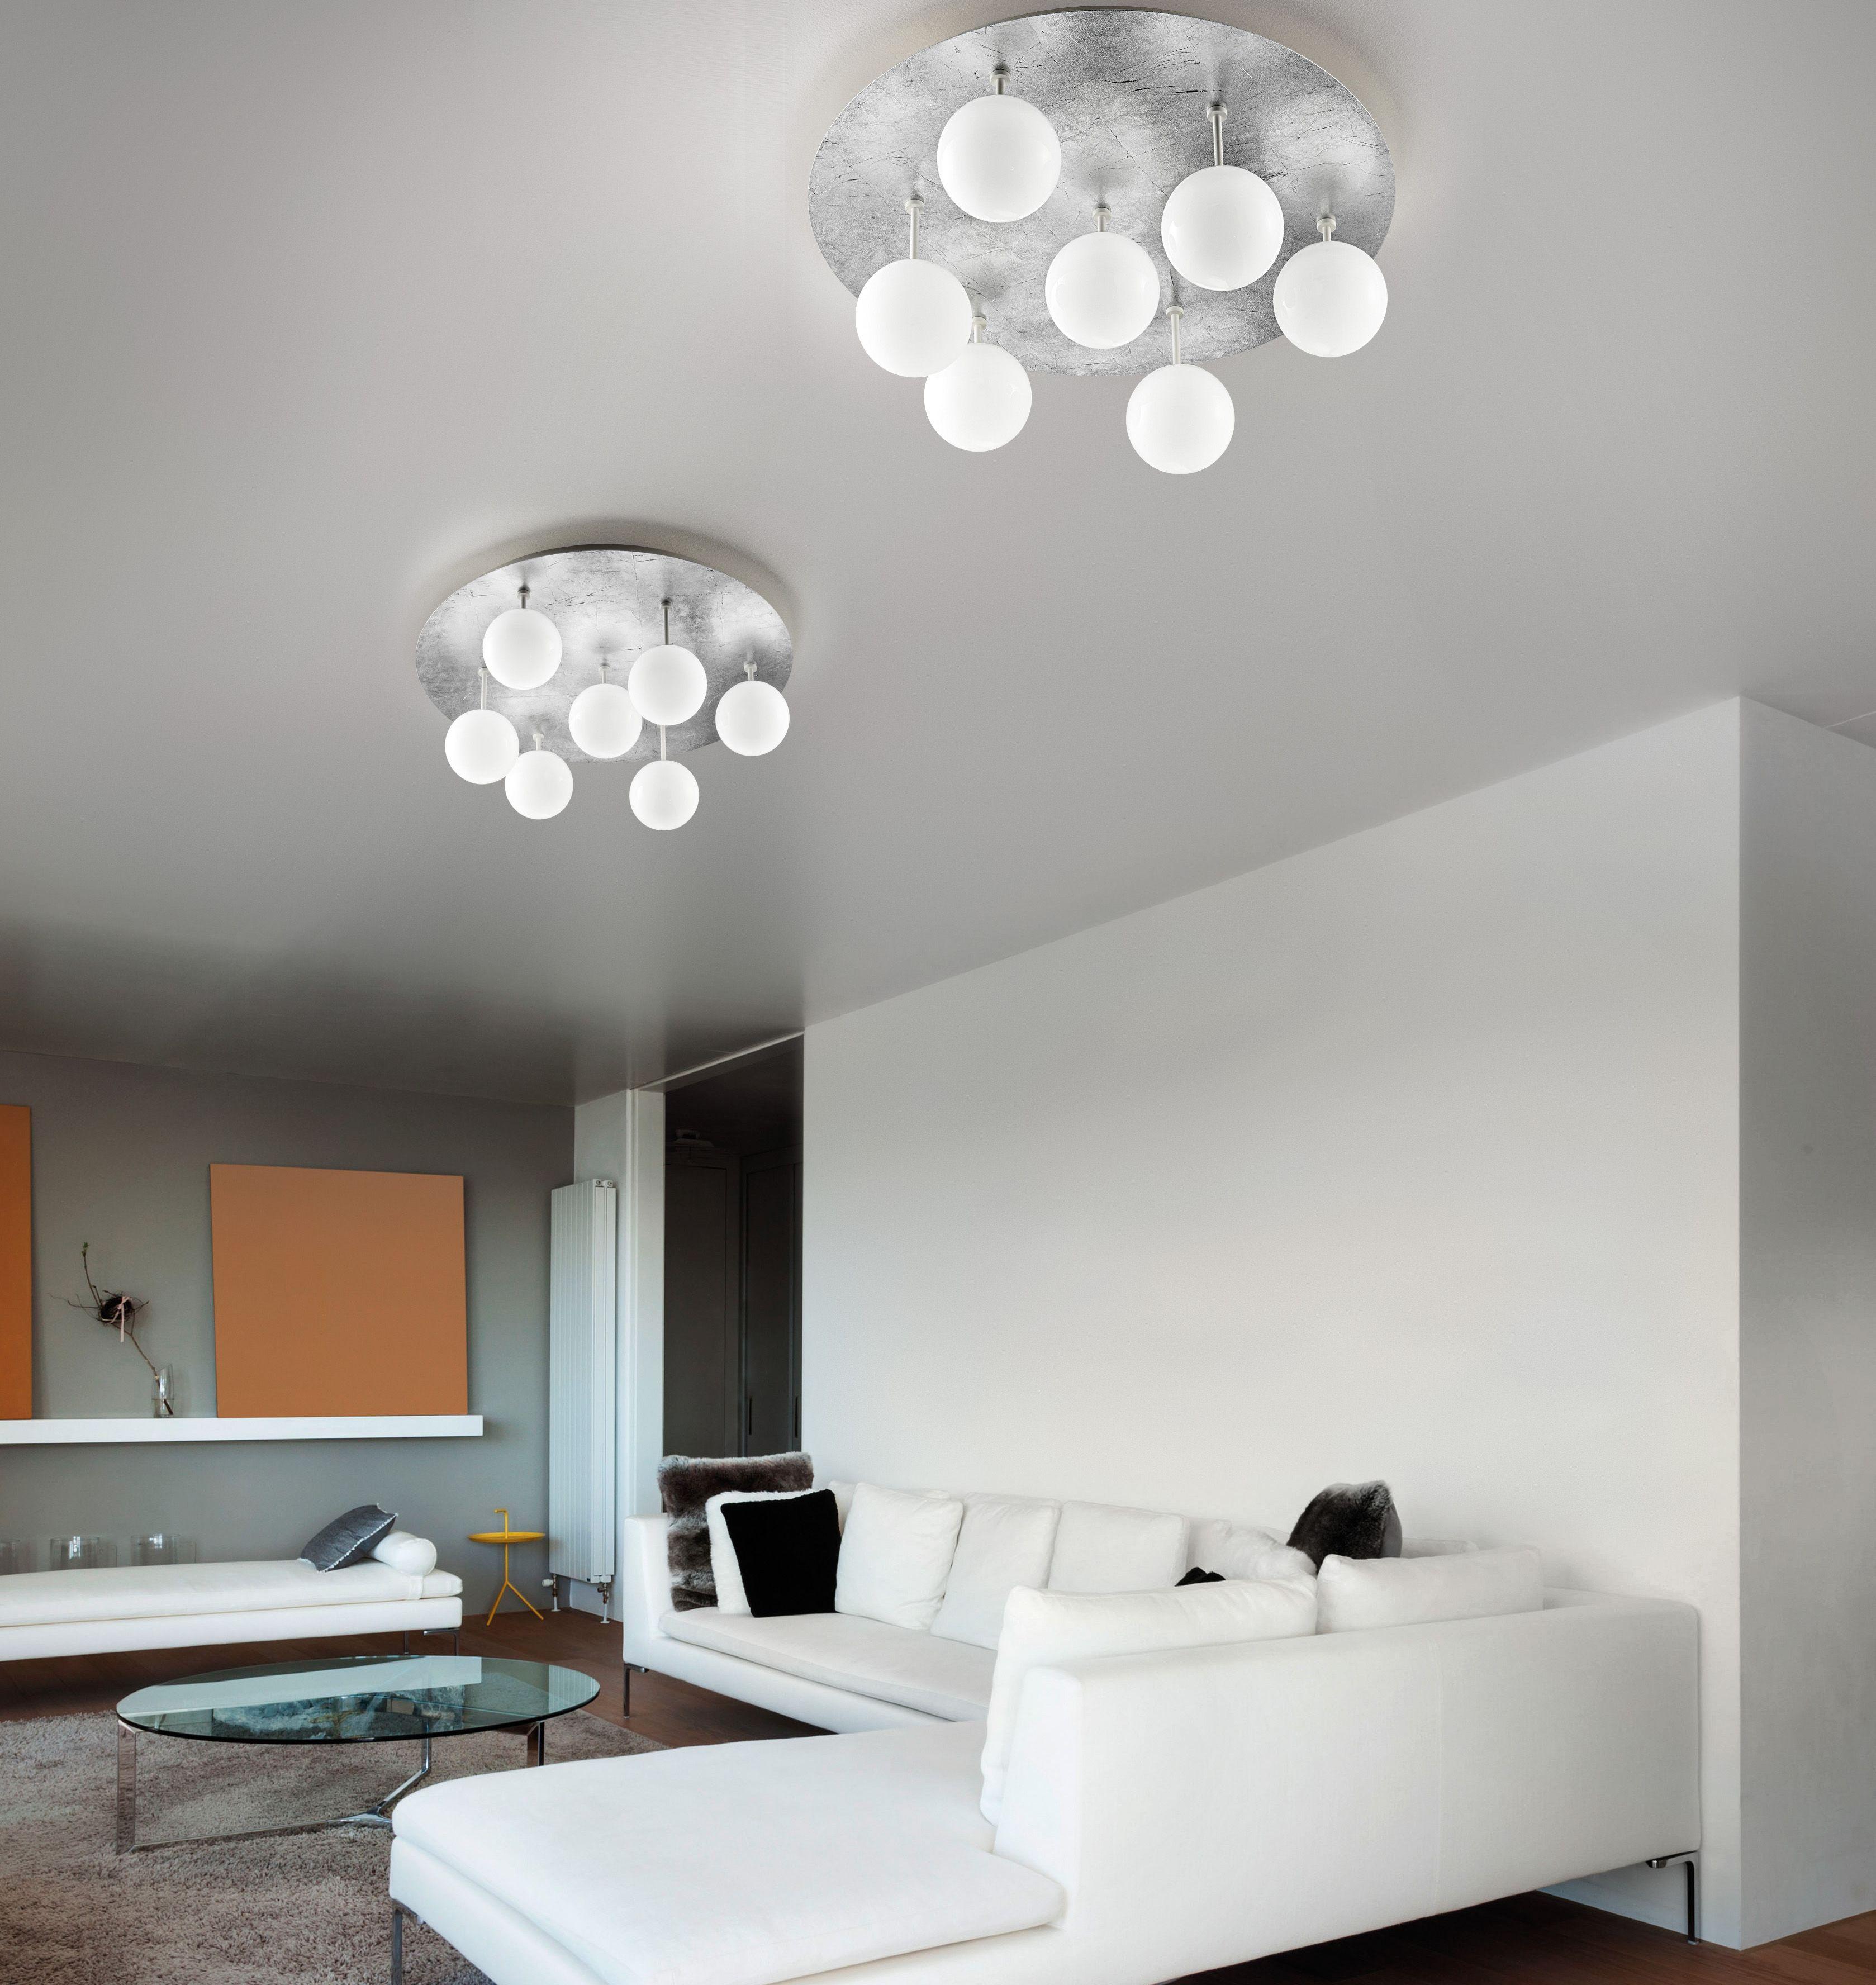 Sfera 2108 Pl 4 7 Braga Illuminazione Ceiling Lamps Ceiling